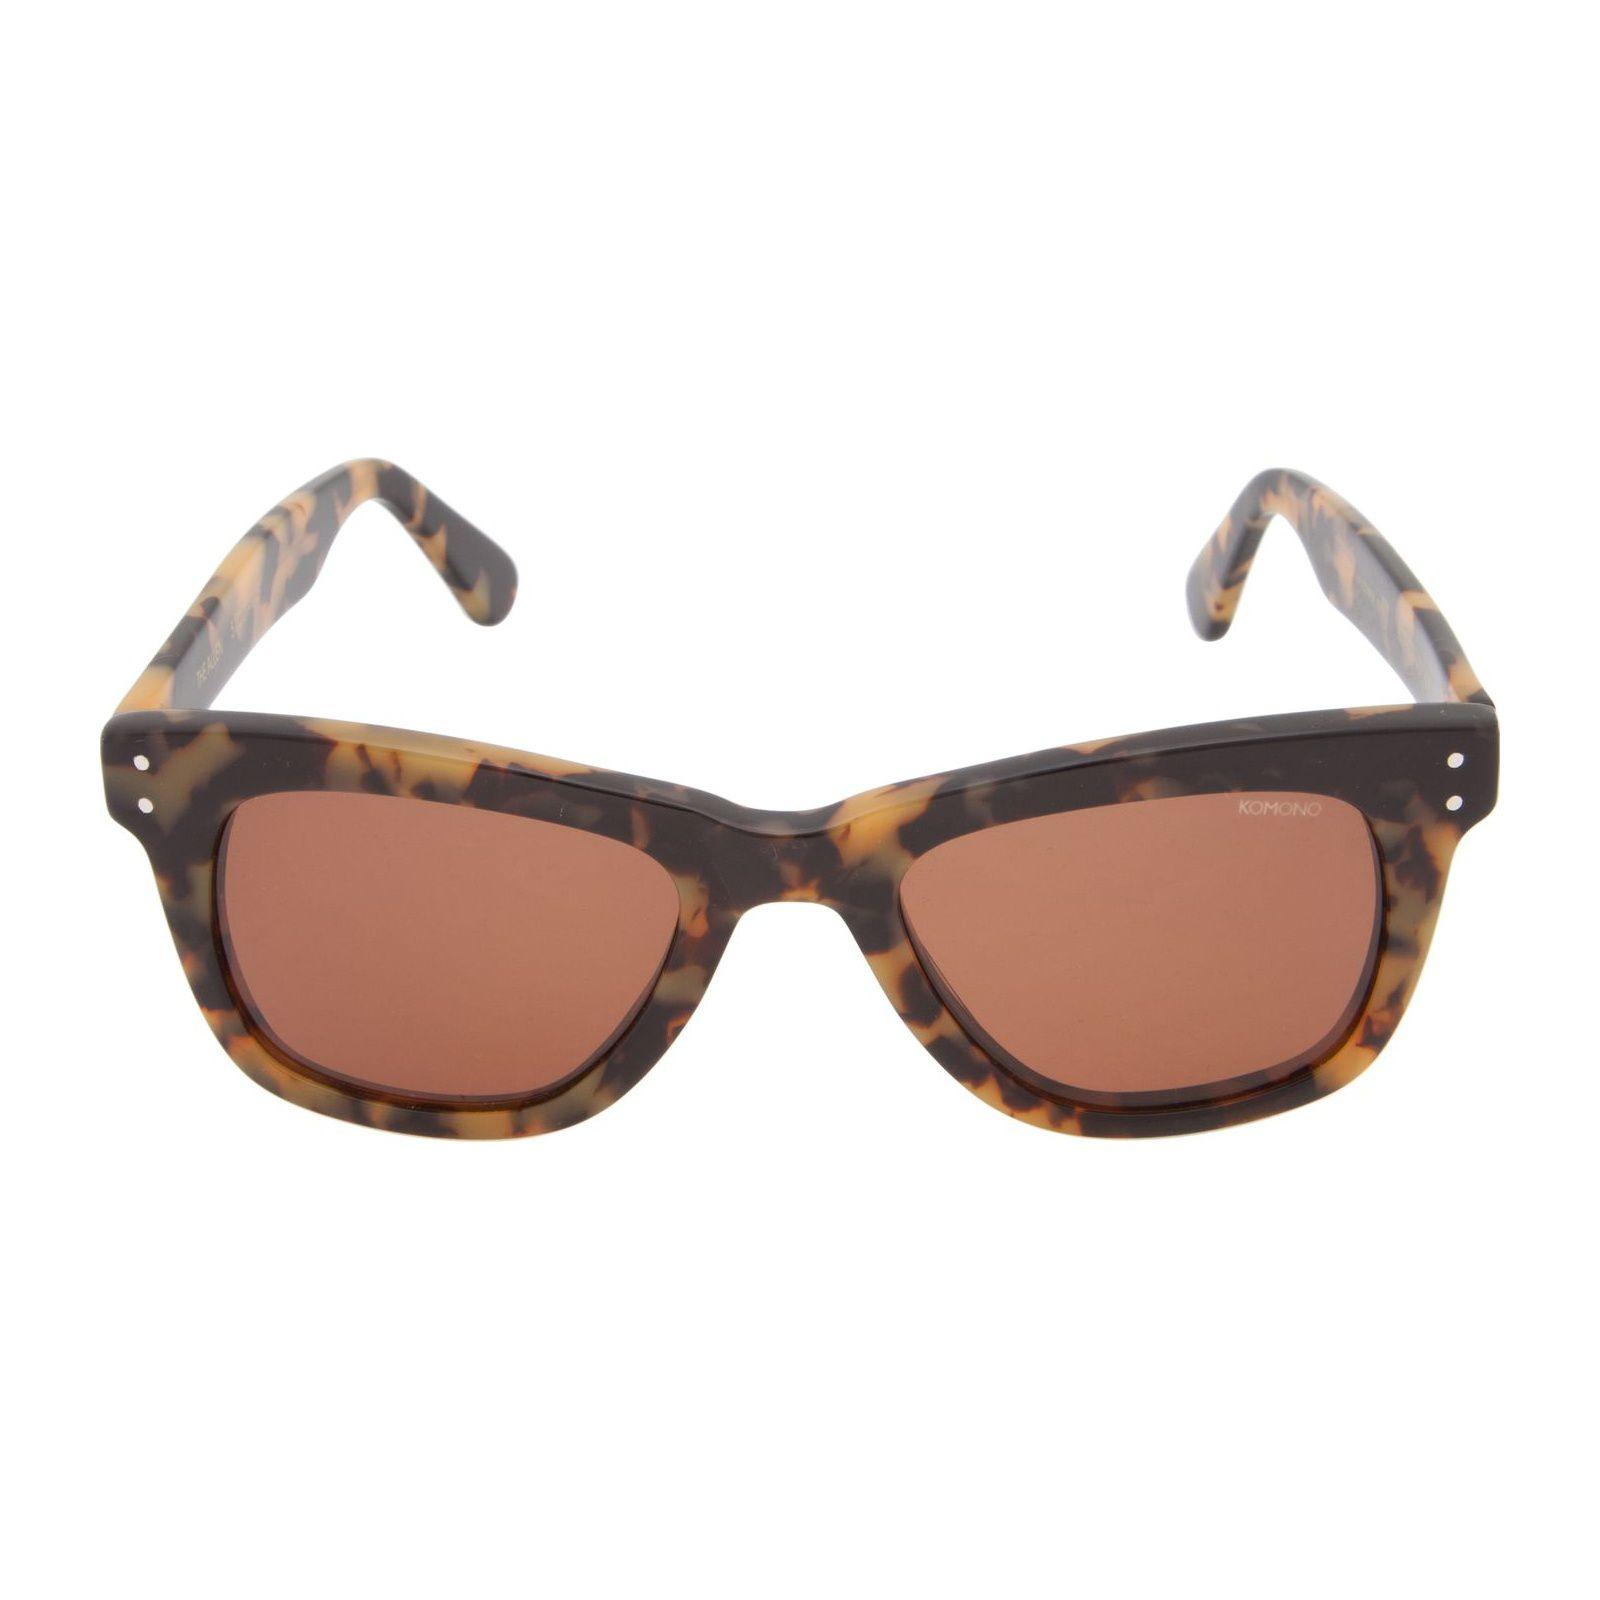 Óculos Allen Crafted Tortoise - Marrom